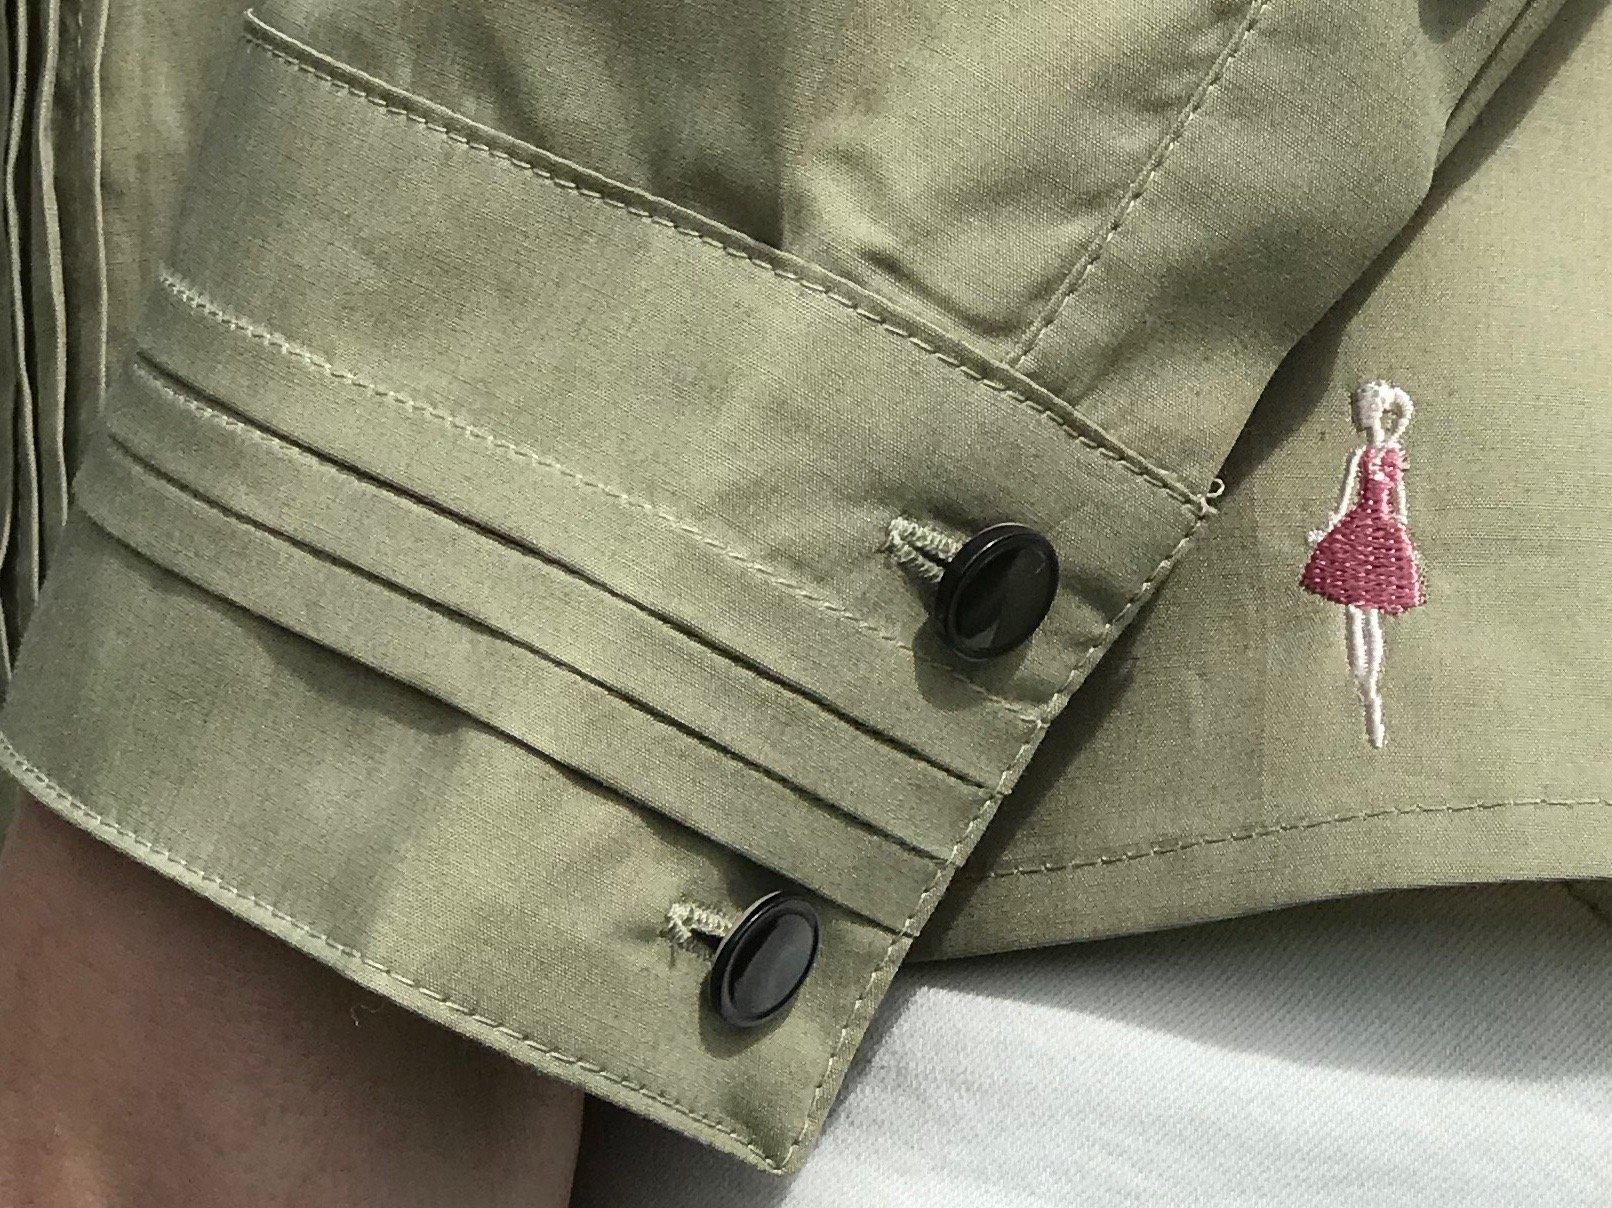 Skjortan Lotta mossgrön i 100% GOTS bomull med pärlemorknappar. Bild på manschett och Keep the Fashions broderade logga.